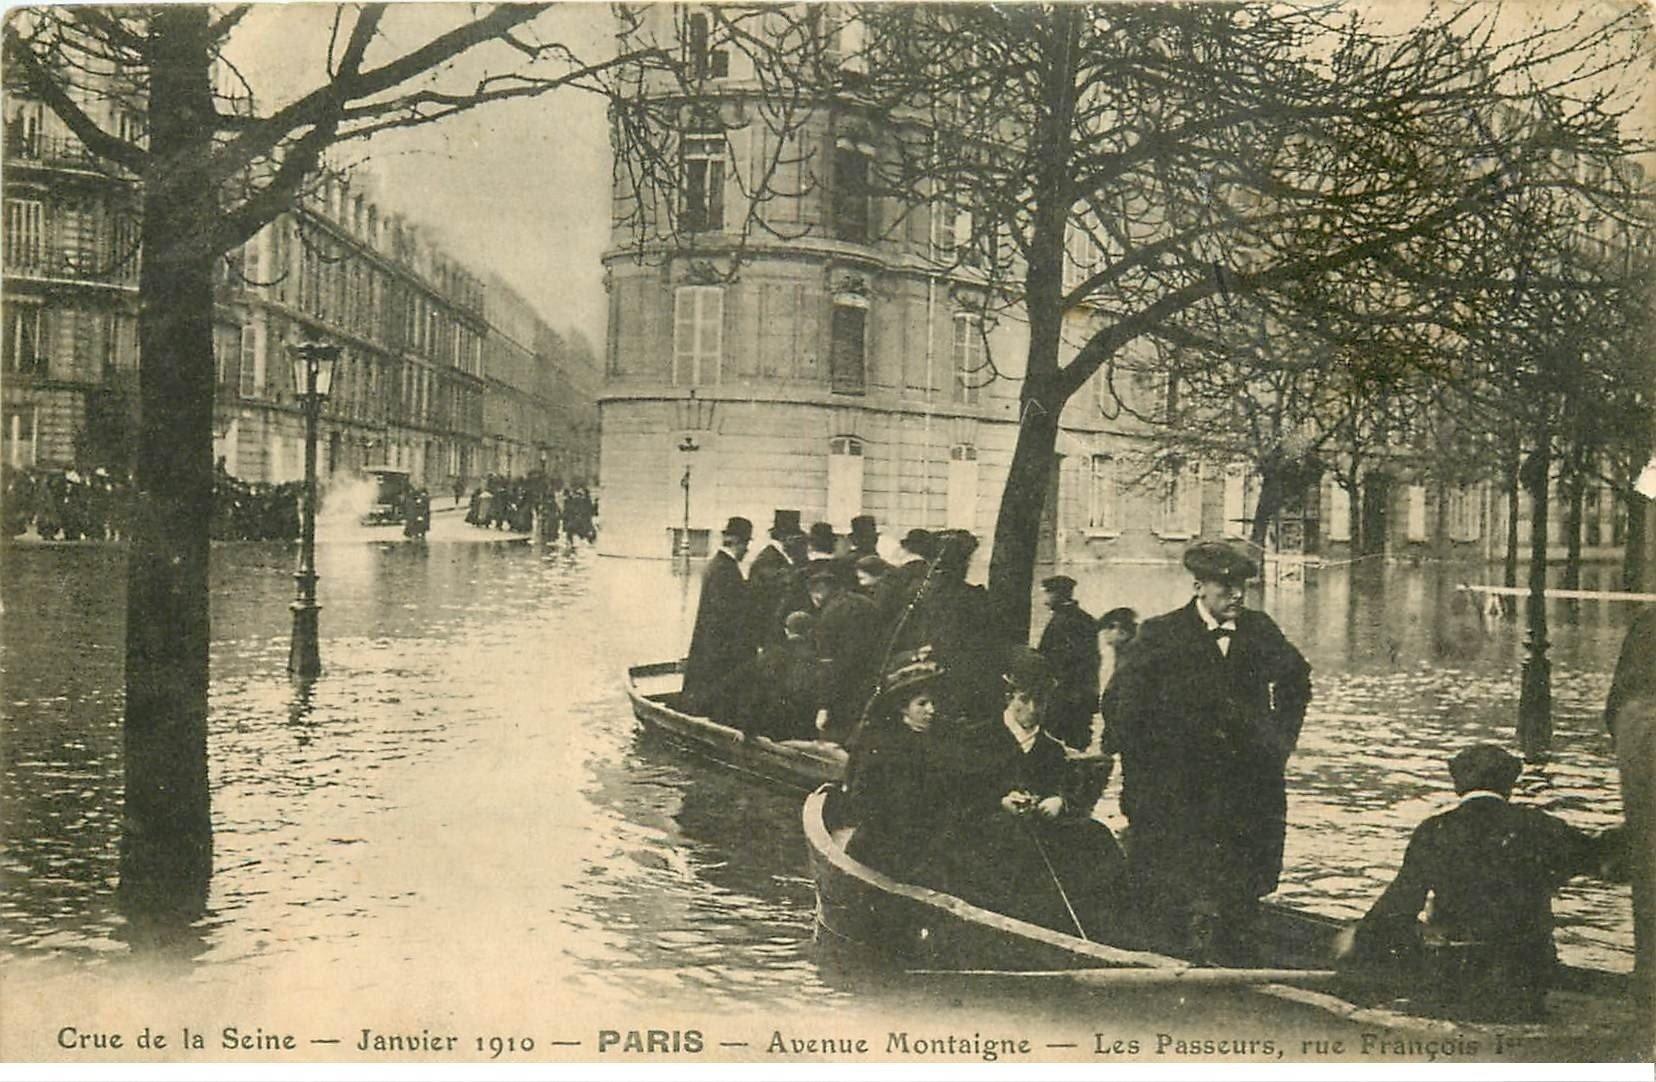 carte postale ancienne INONDATION ET CRUE PARIS 1910. Avenue Montaigne les Passeurs rue François I°